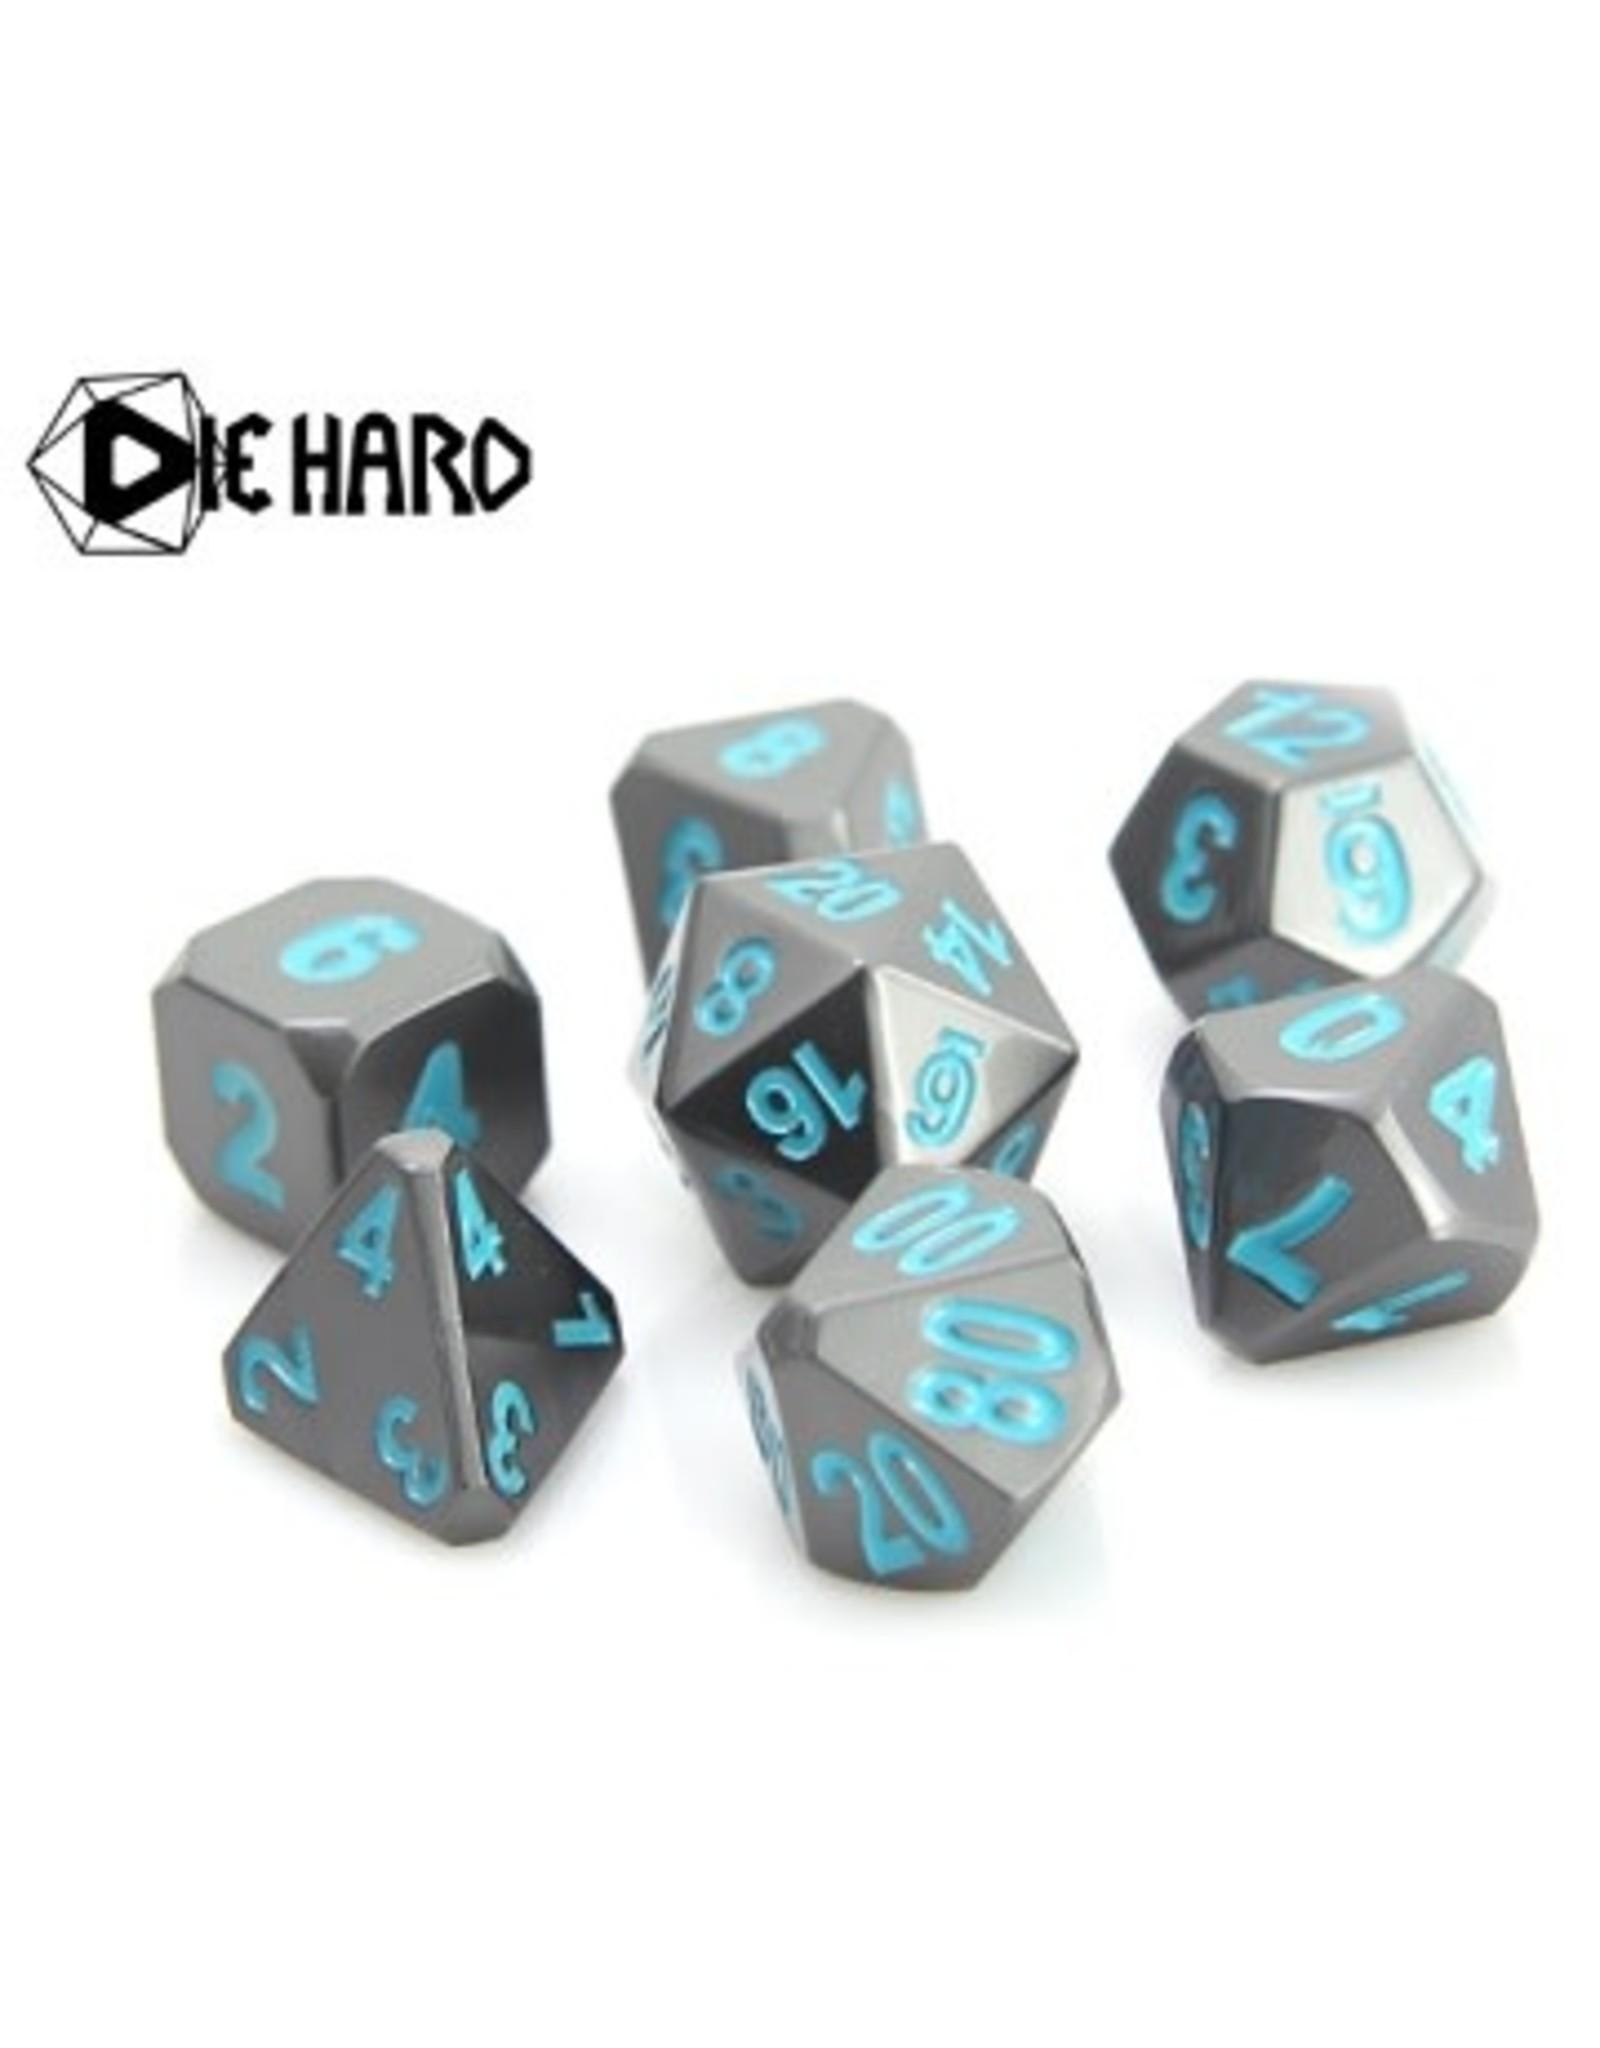 Die Hard Dice Die Hard Metal RPG Dice Set - Gunmetal